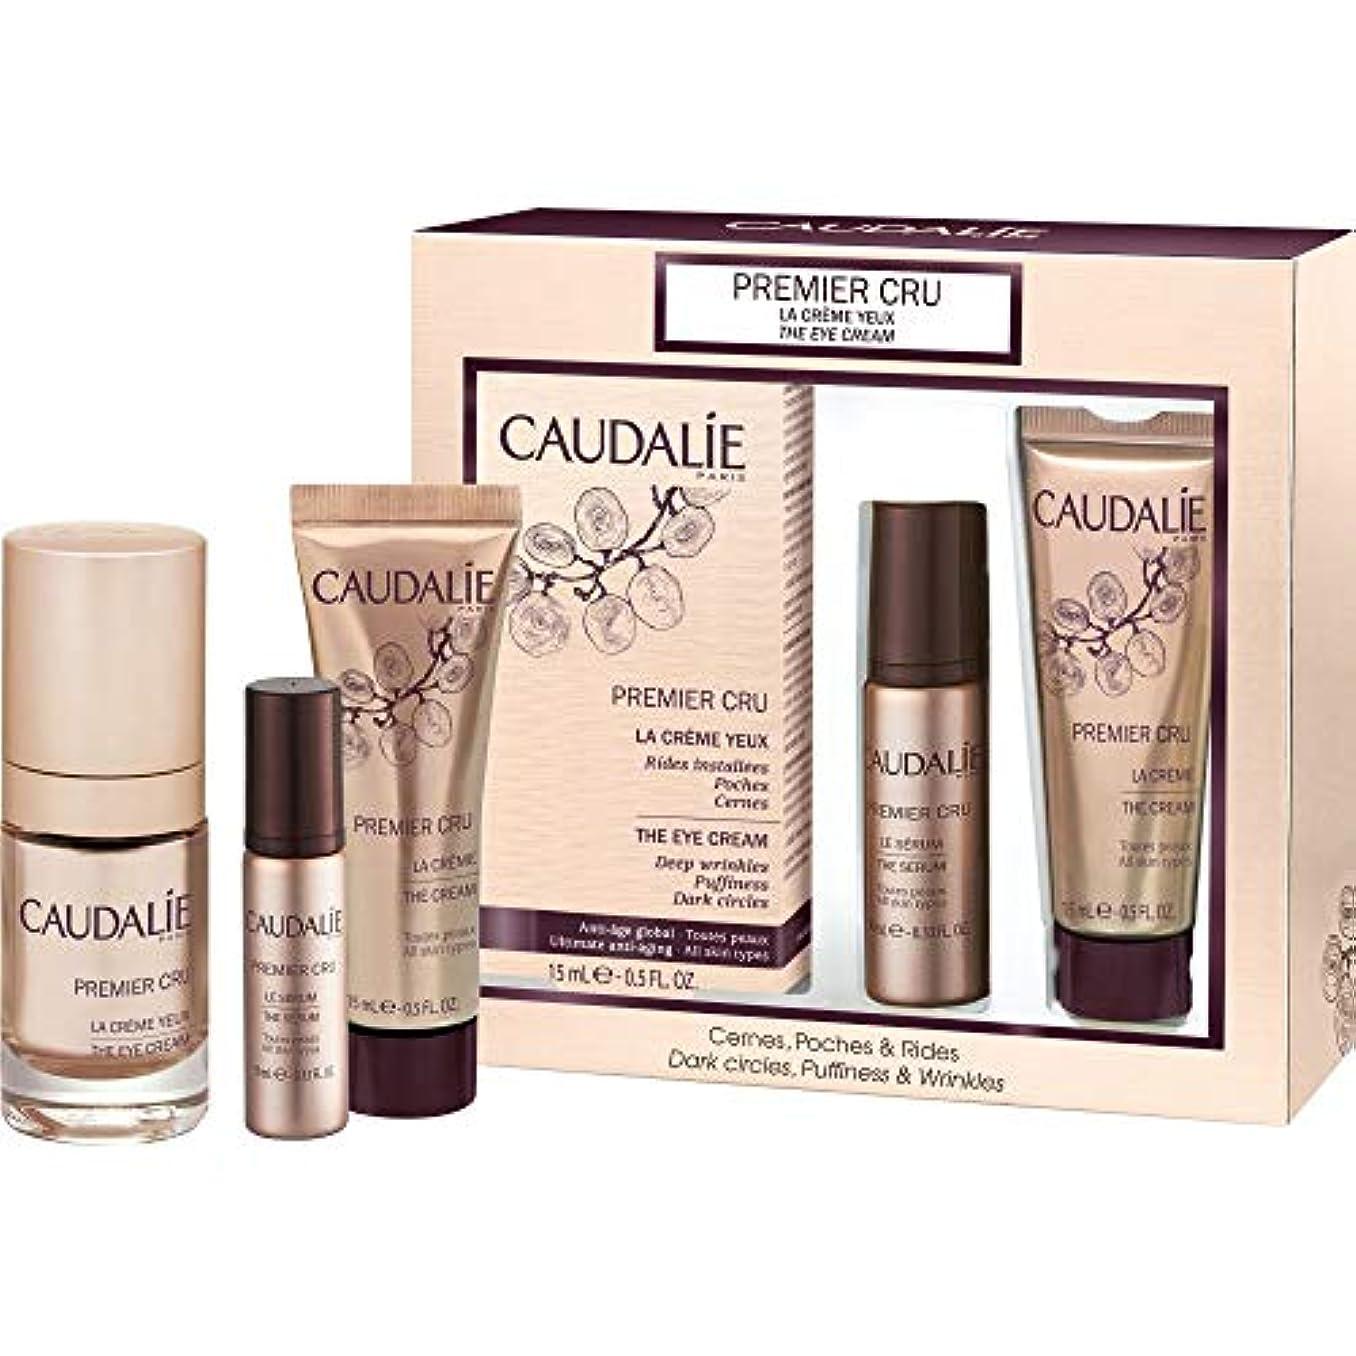 配管工一晩スマイル[Caudalie] コーダリープレミアは、アイクリーム15ミリリットルのギフトセットをCru - Caudalie Premier Cru The Eye Cream 15ml Gift Set [並行輸入品]